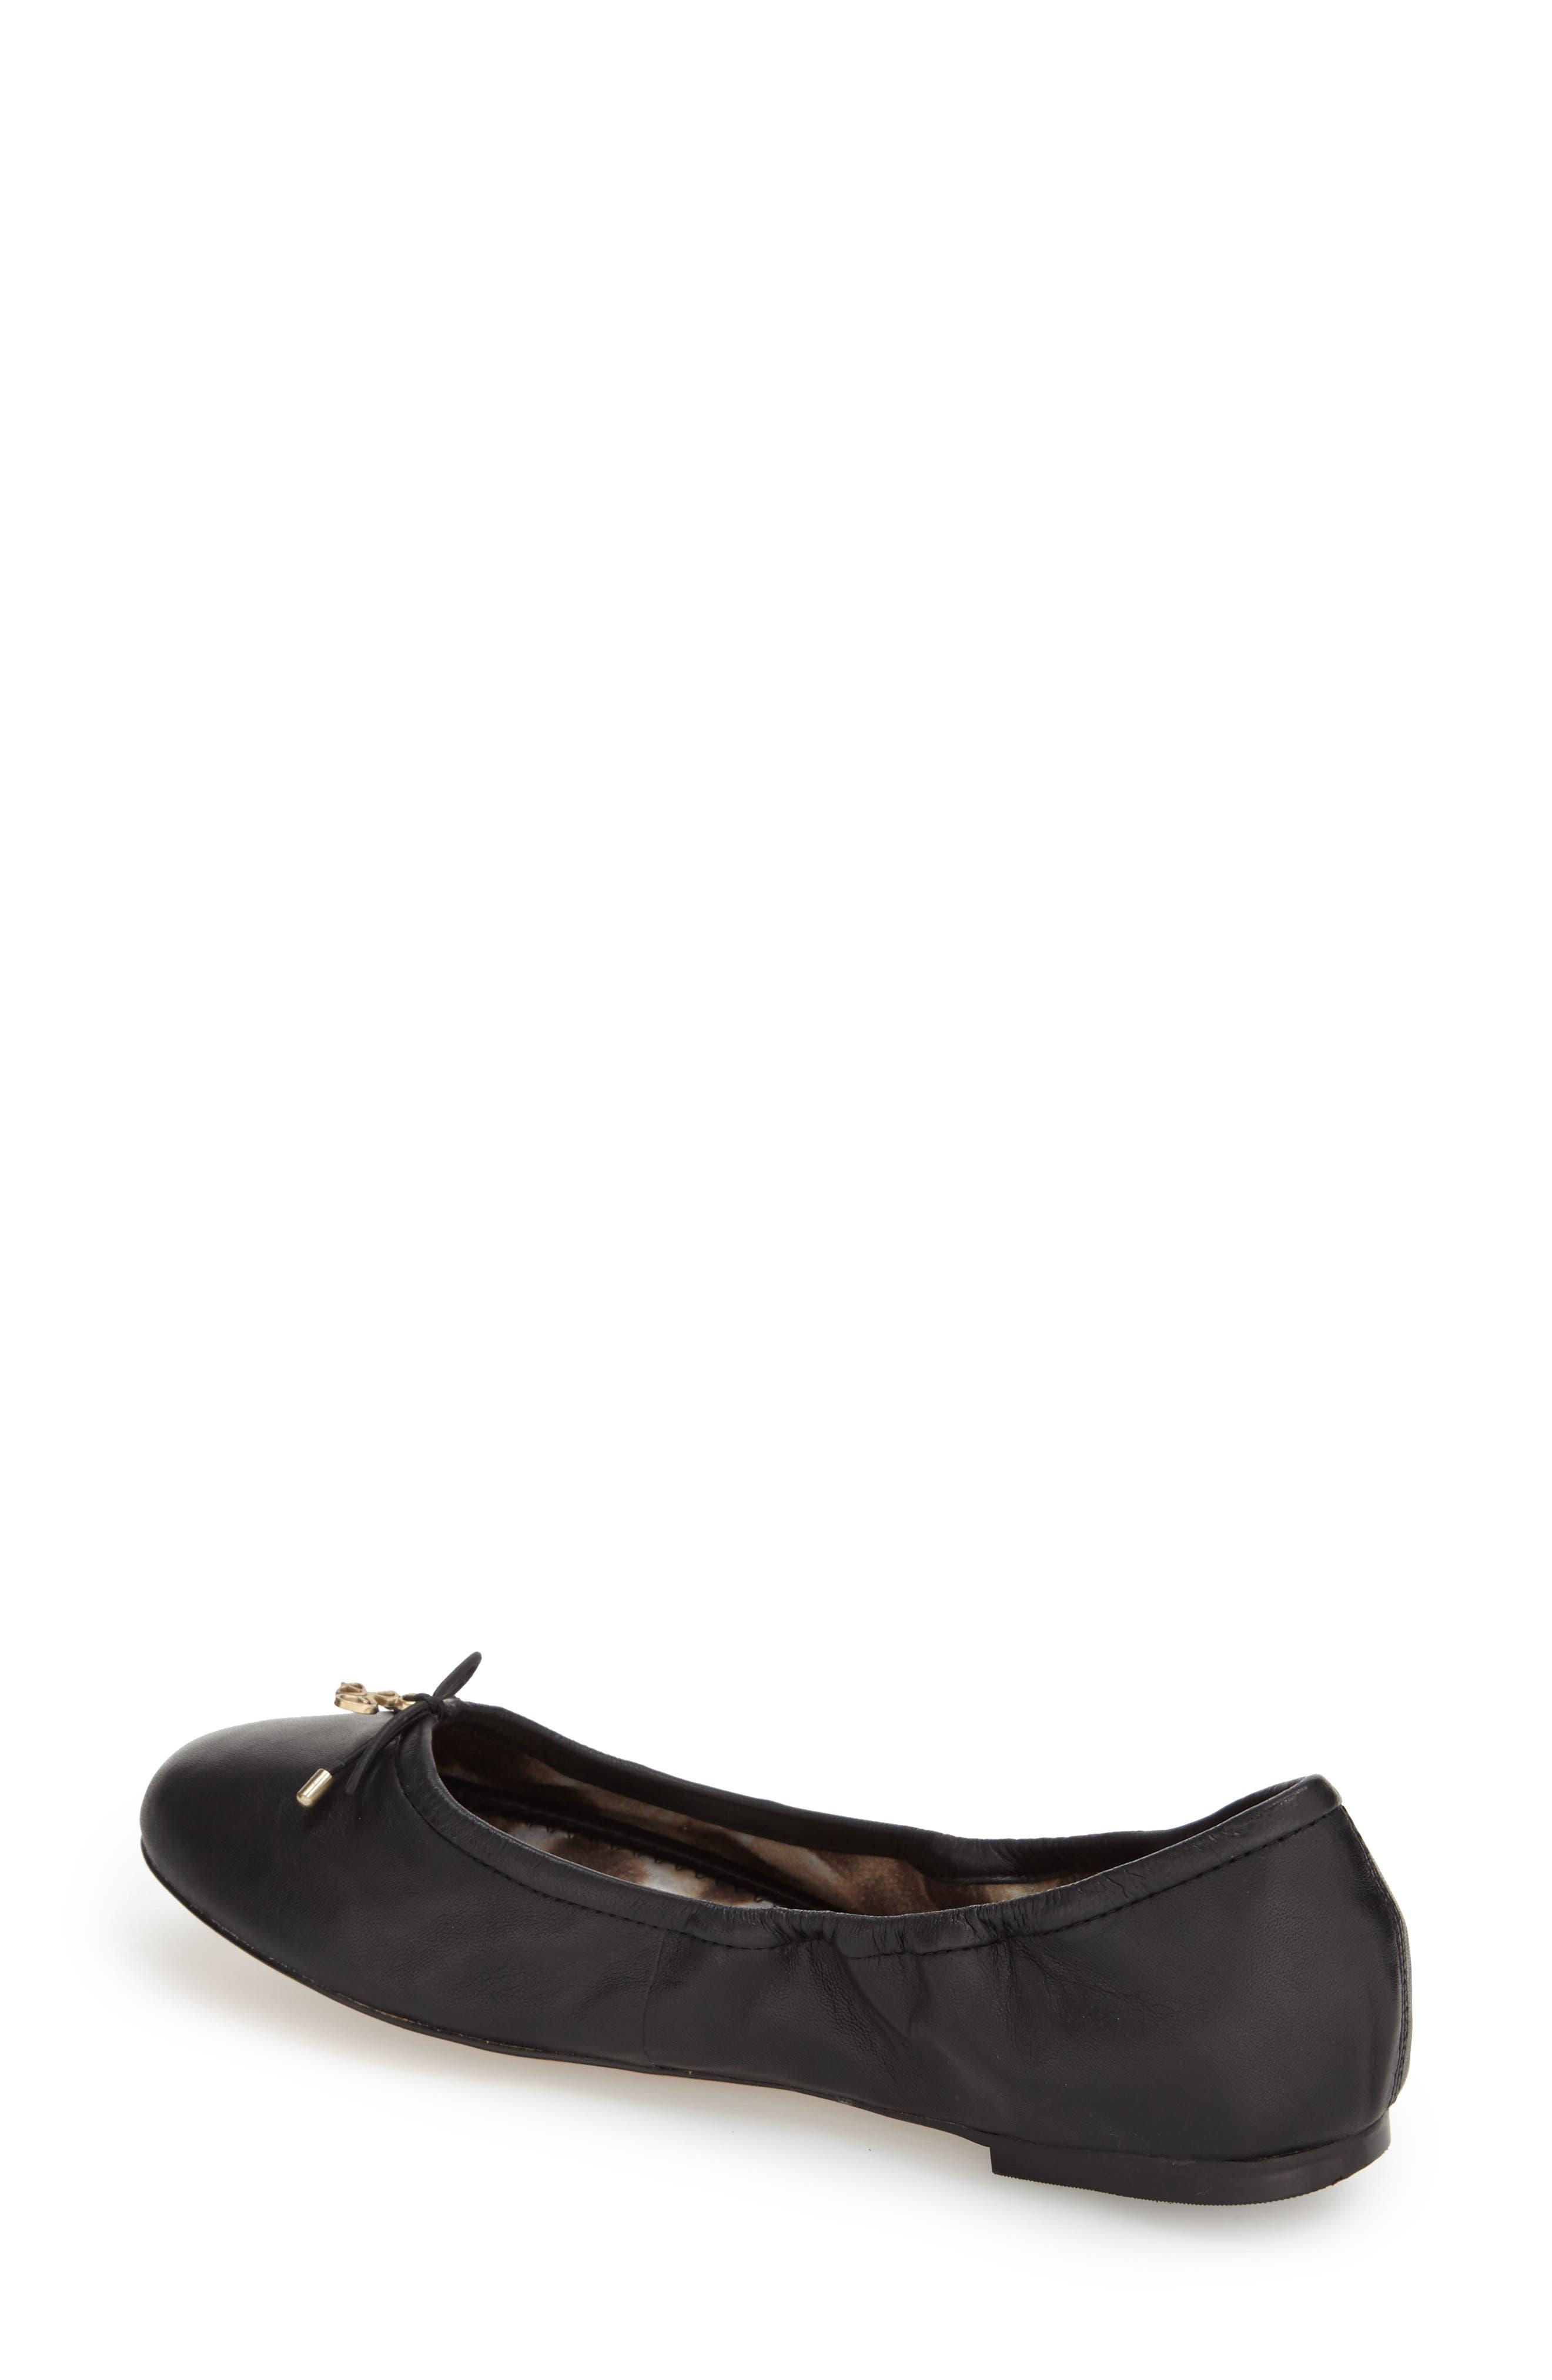 7b56fe0c54fd3 Women s Narrow Shoes